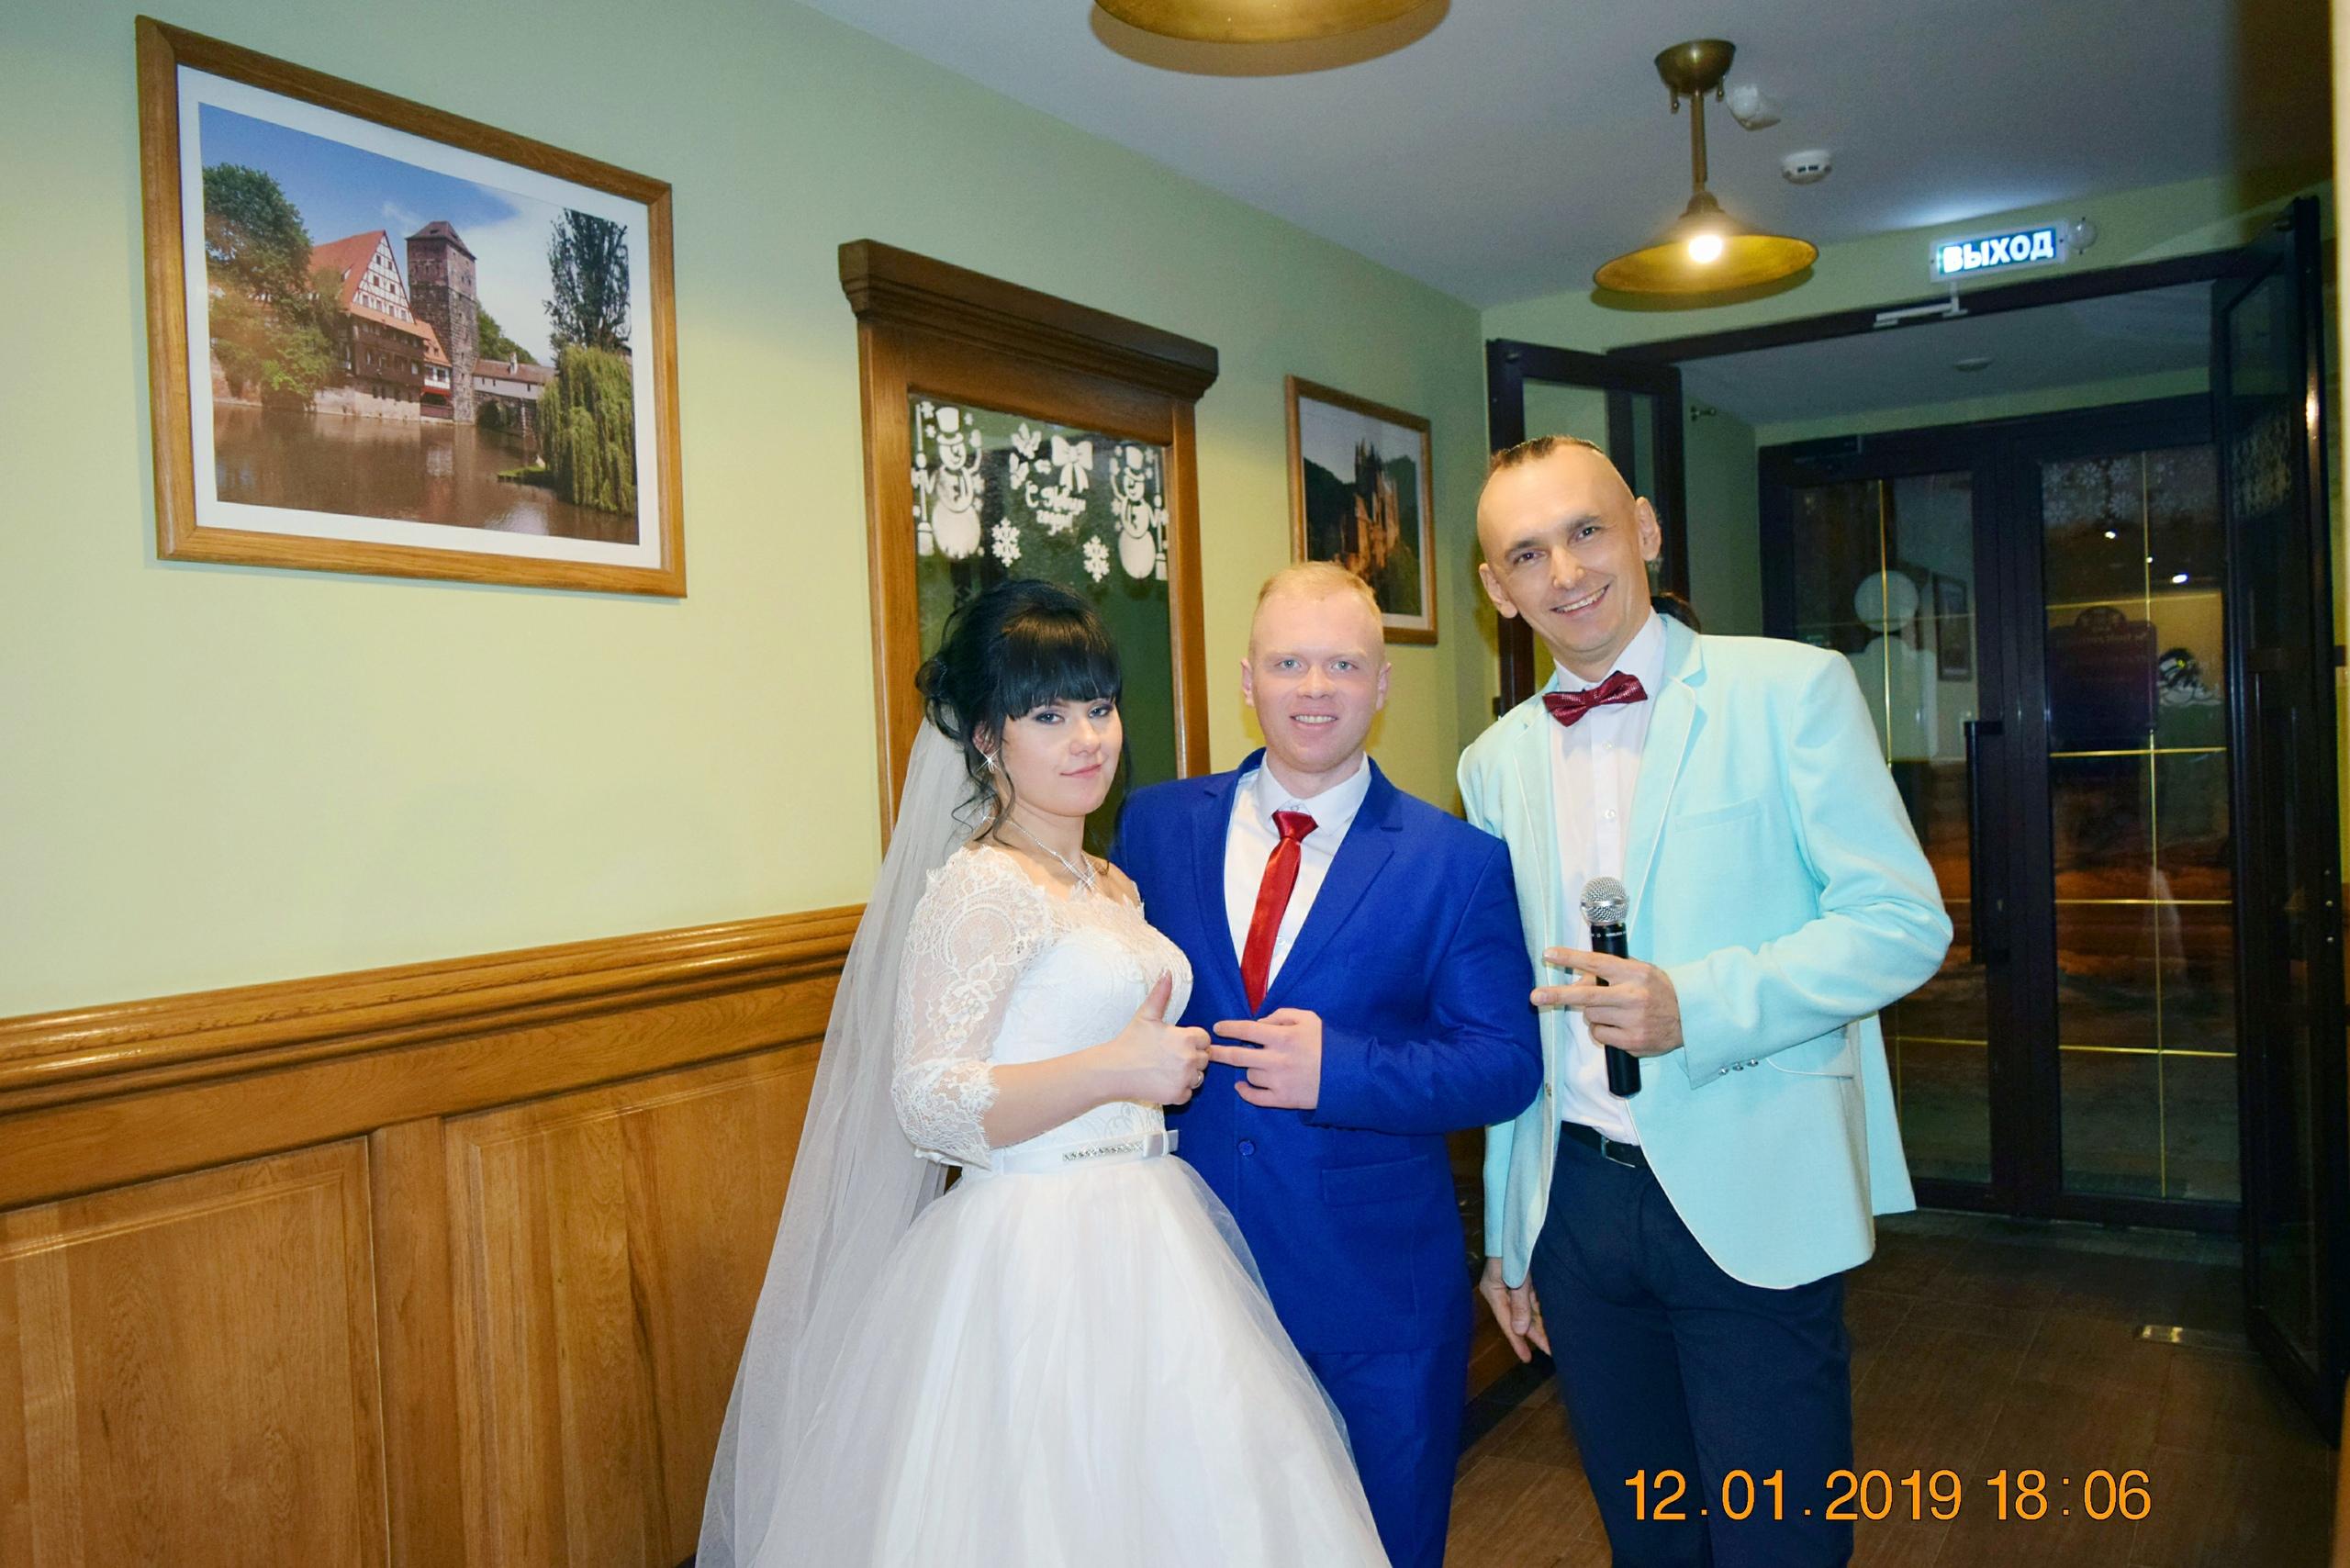 wdg6mIW7OTY - Свадьба Степана и Анастасии